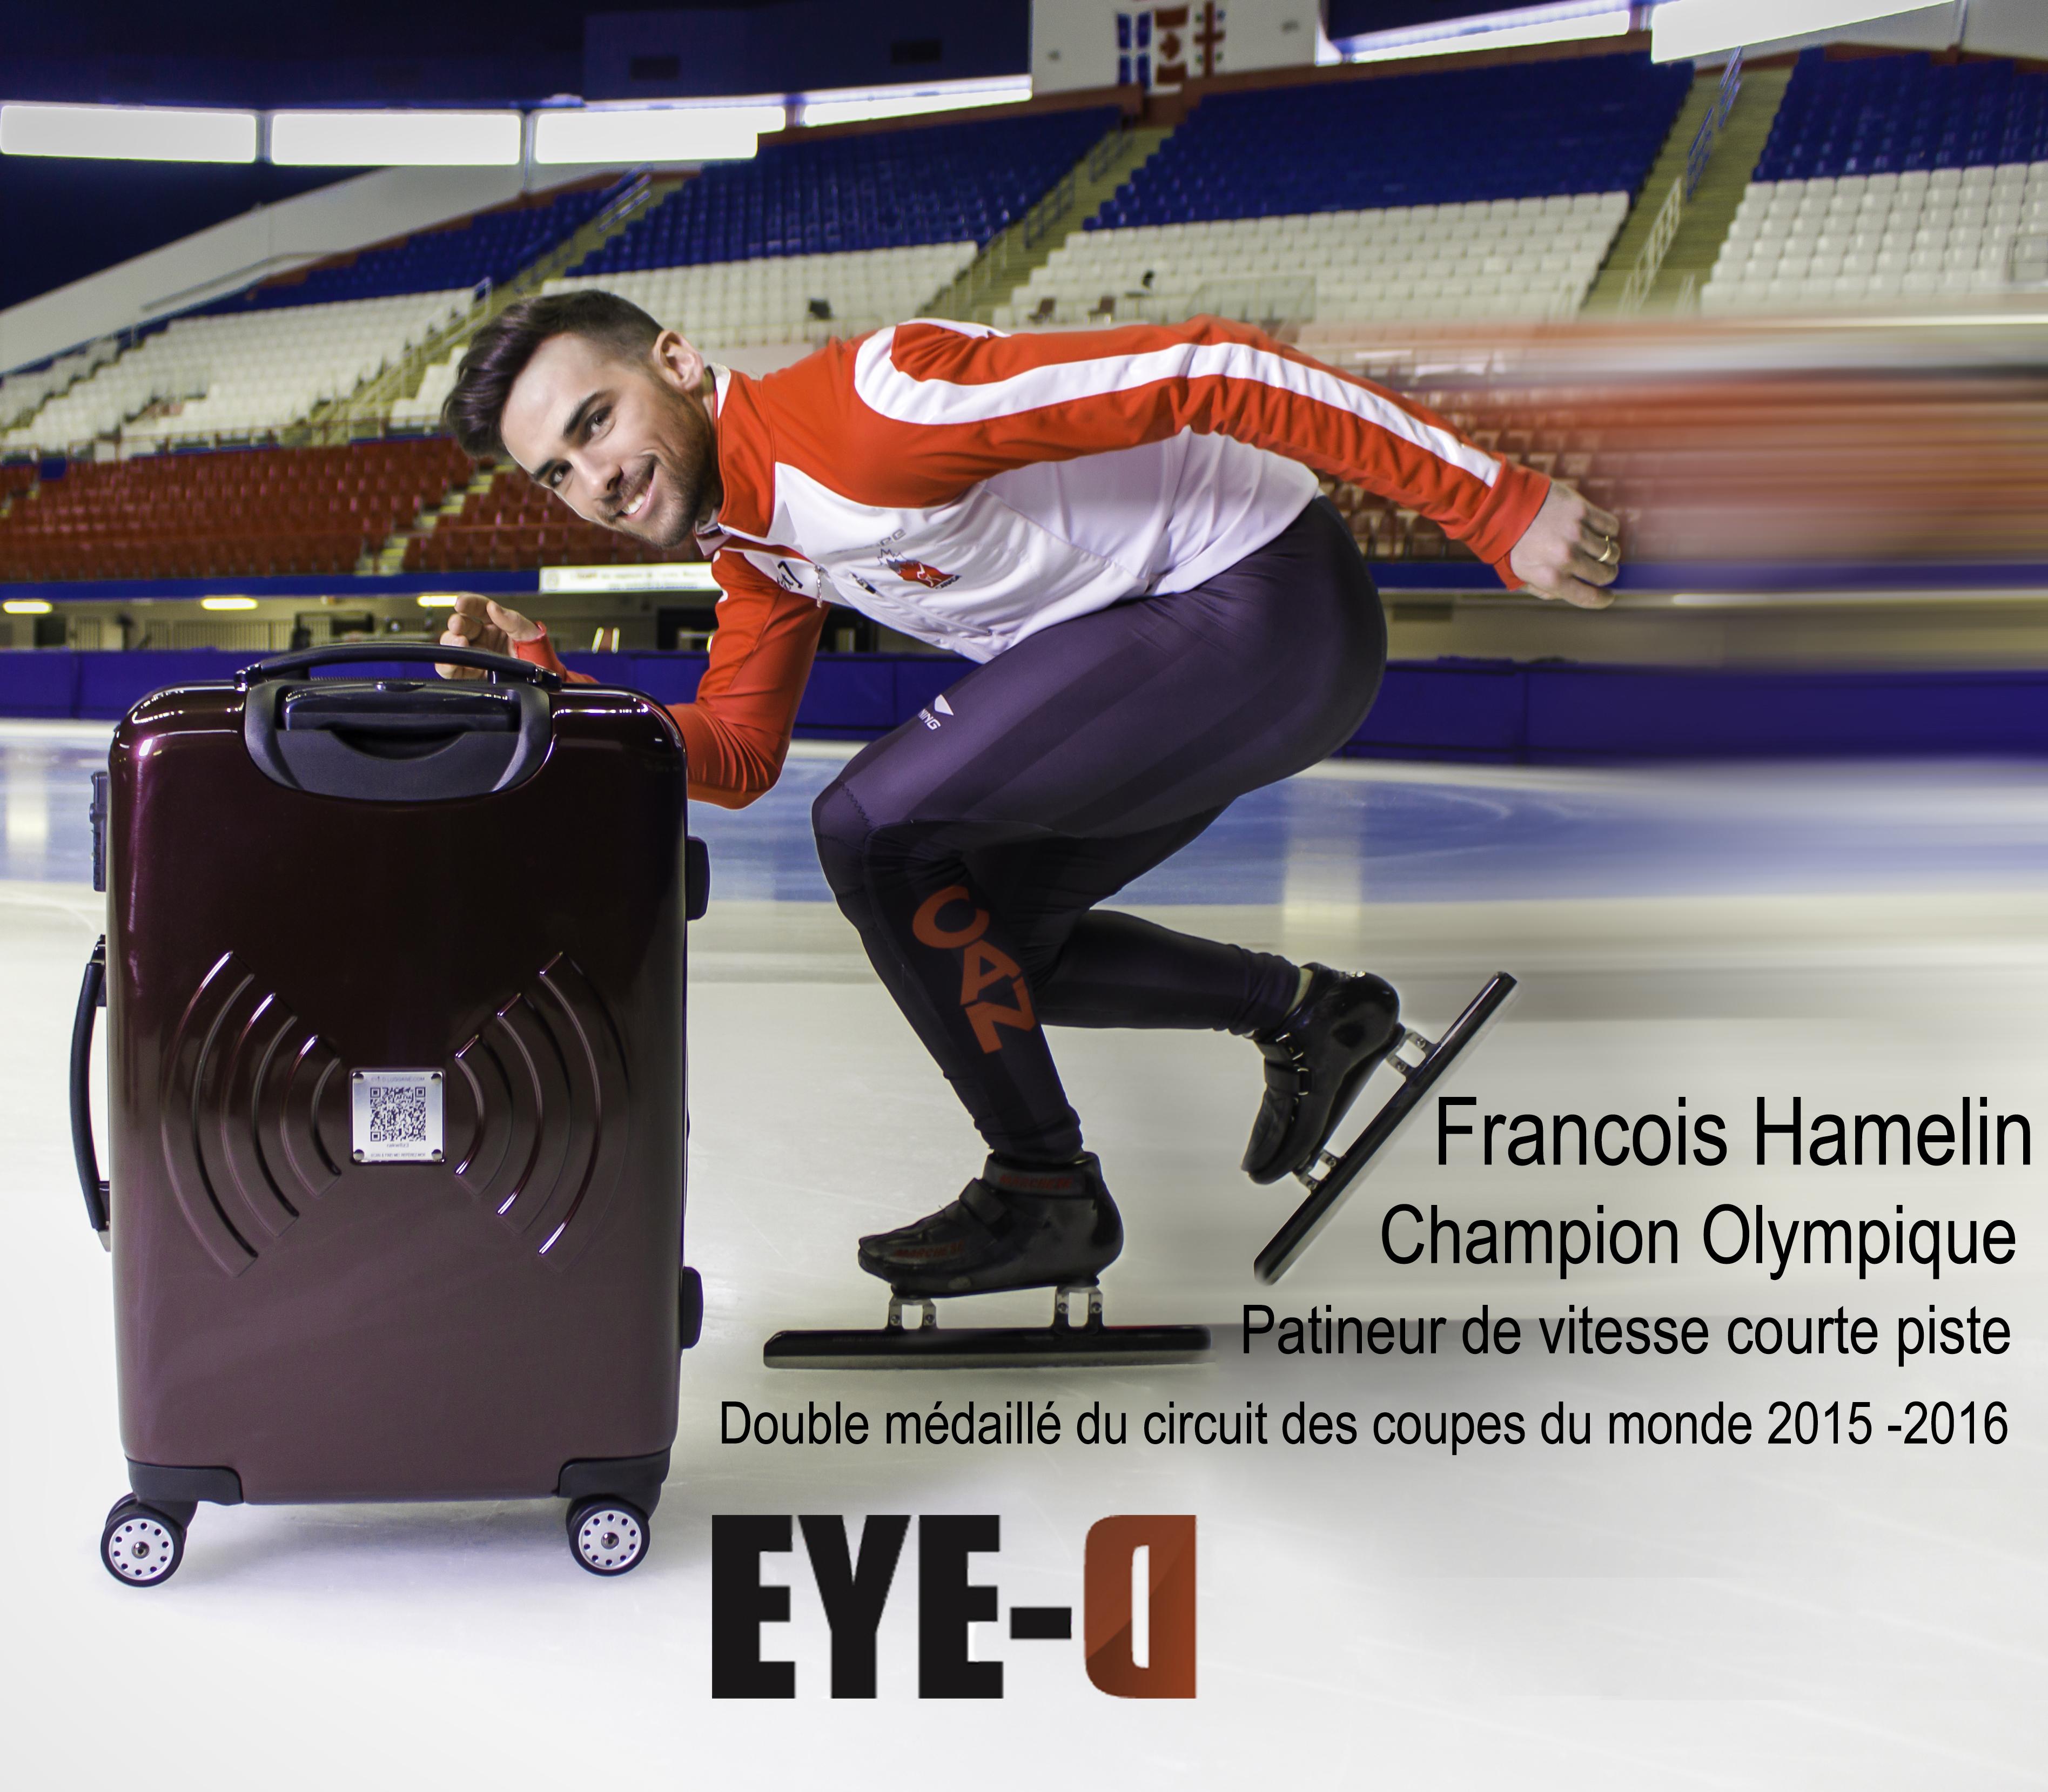 Francois Hamelin Médaillé Olympique JPgrimmard